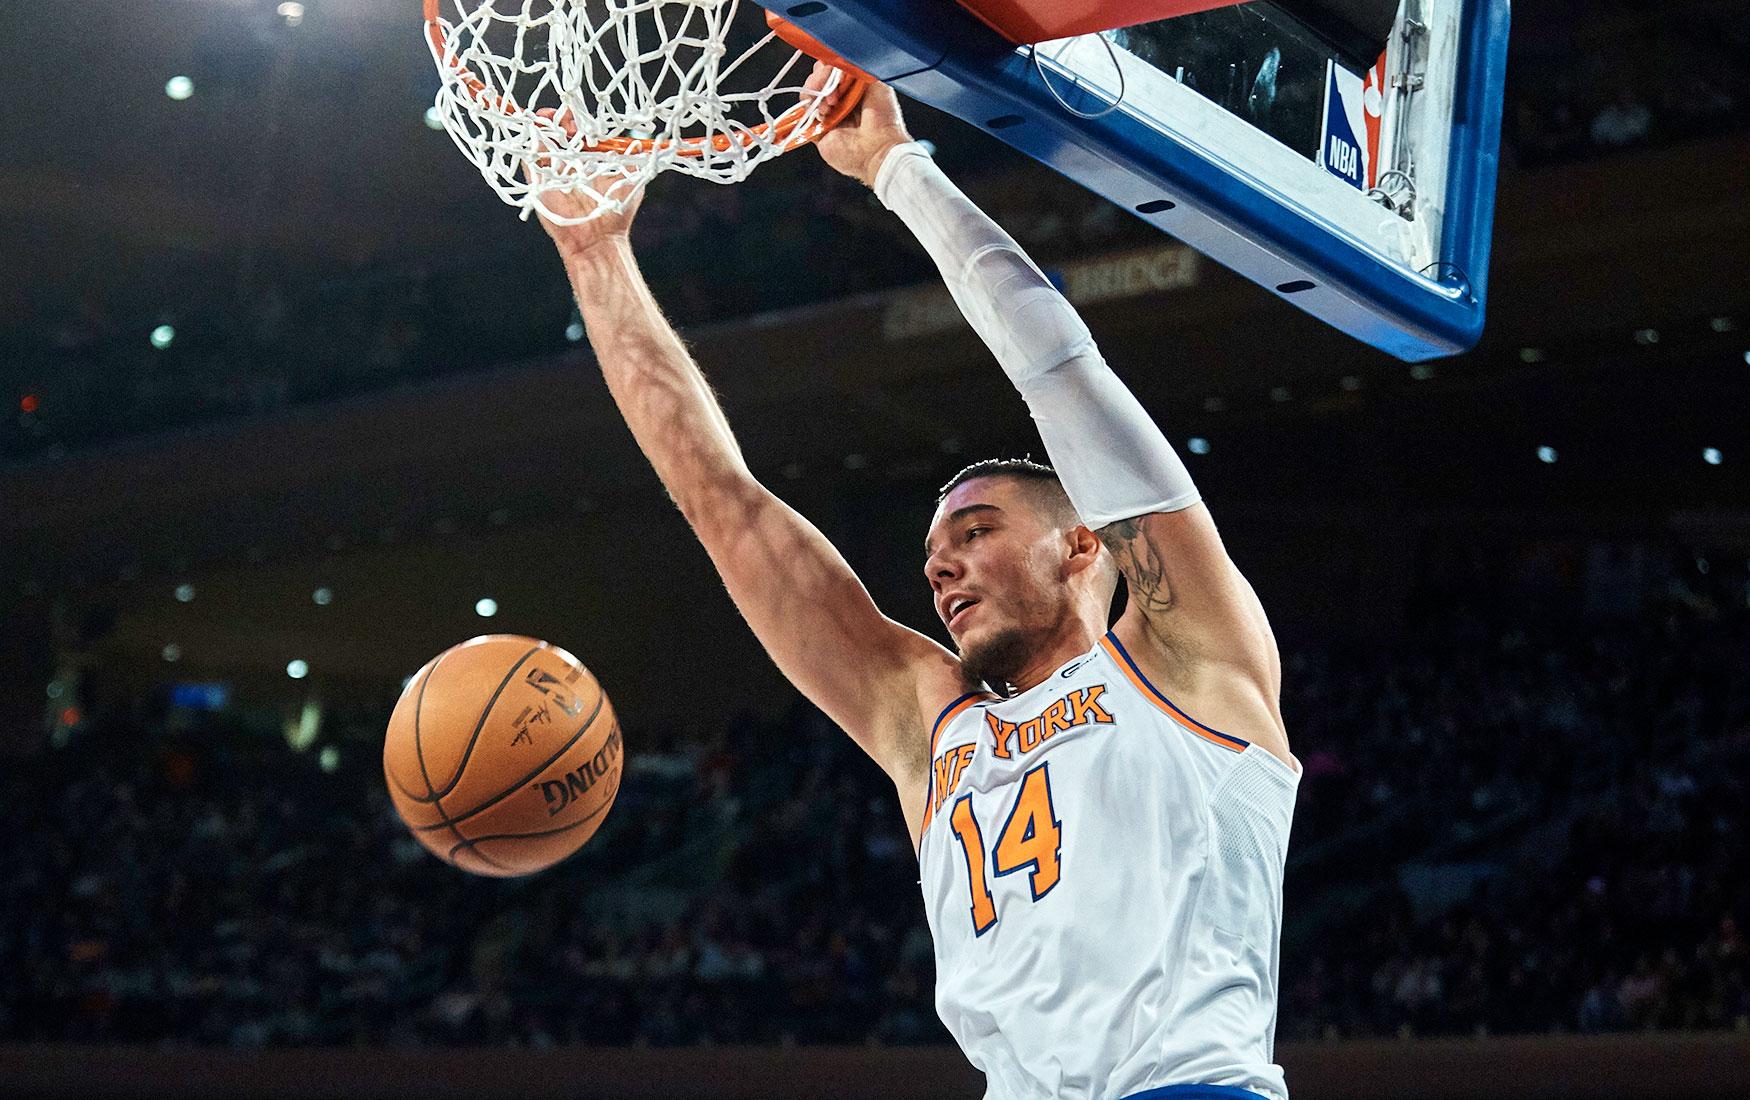 Китайская грамота: почему команды НБА дорожают быстрее клубов из других лиг